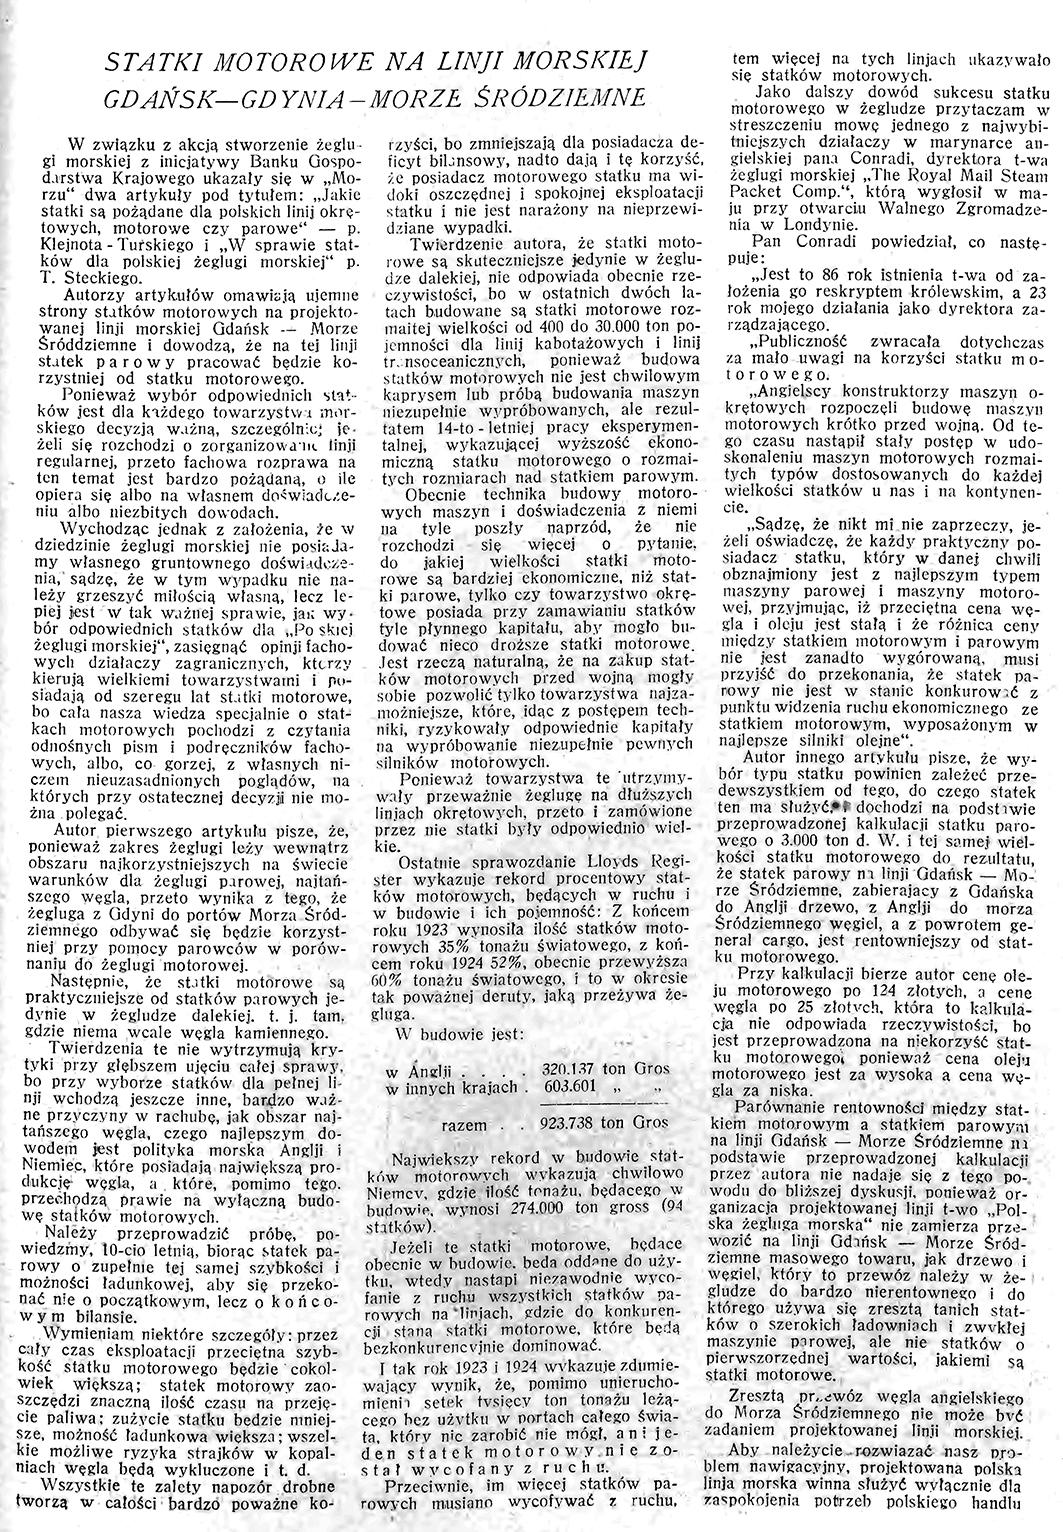 Statki motorowe na linji morskiej Gdańsk - Gdynia - Morze Śródziemne // Morze. - 1926, nr 10, s. 9